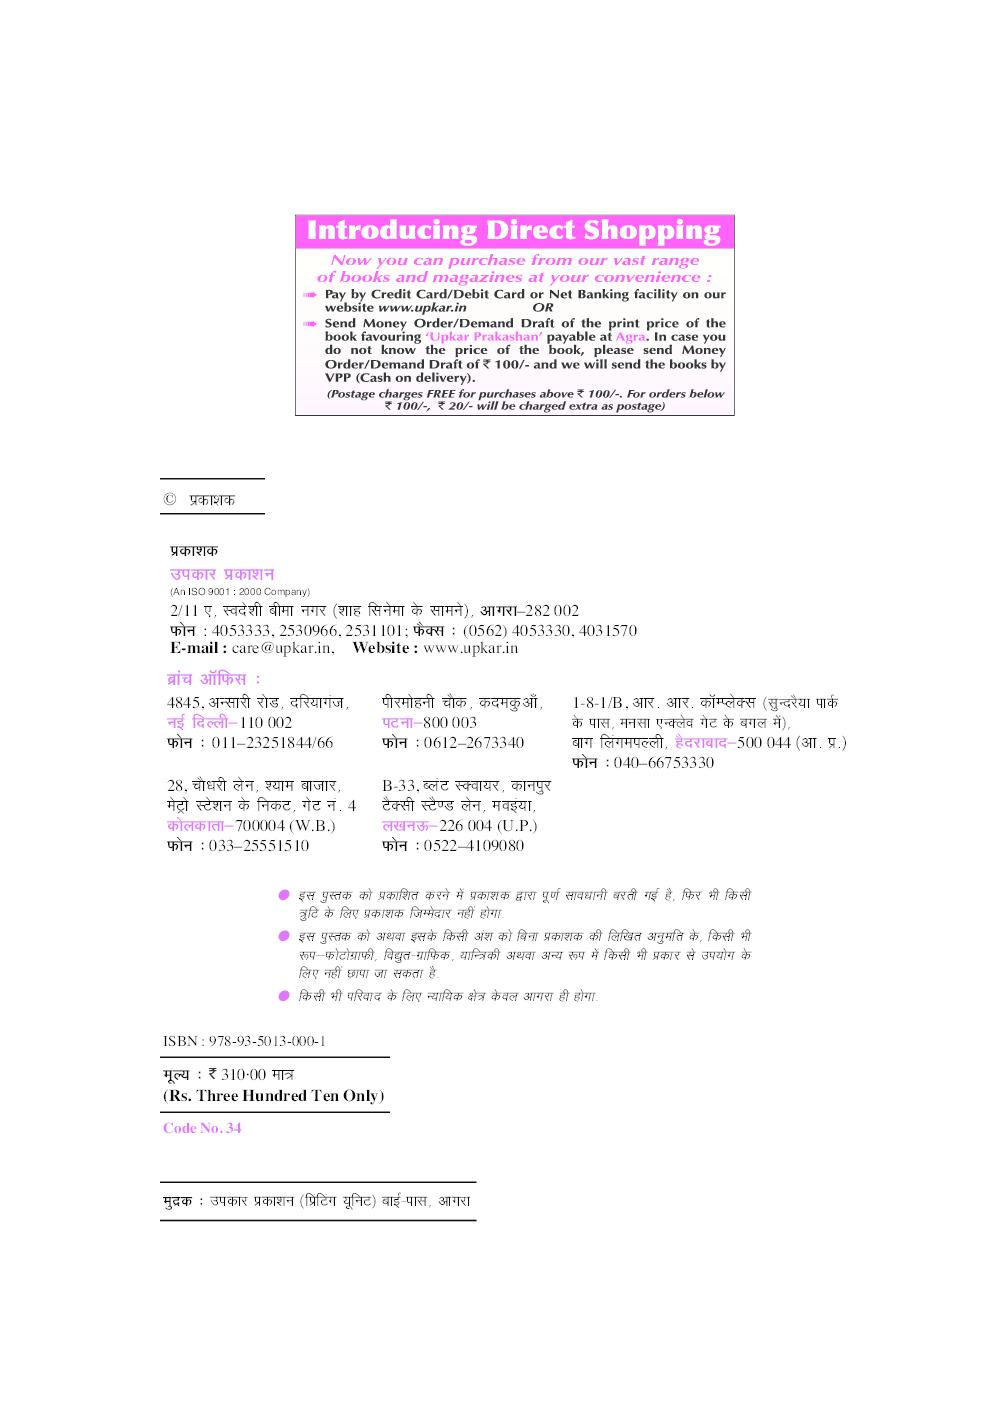 मध्य प्रदेश लेखपाल, उपअंकेक्षक, कनिष्ठ अंकेक्षक एवं  अधीनस्थ लेखा संवर्ग भर्ती परीक्षा  - Page 3